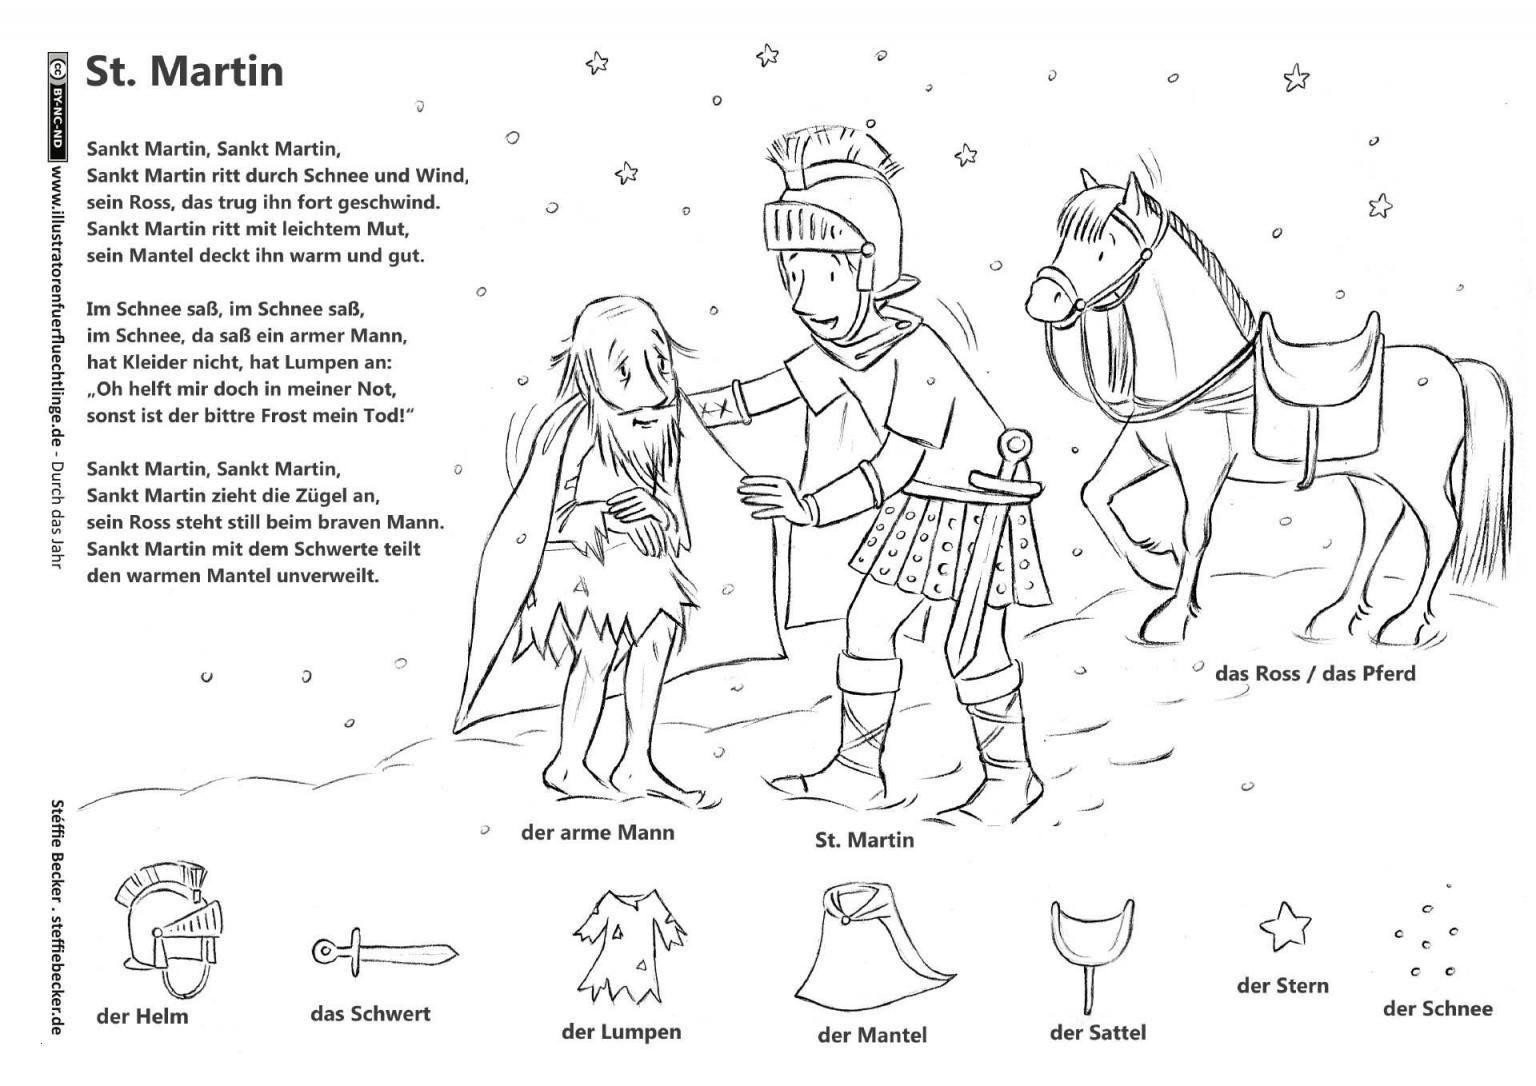 Barbie Bilder Zum Ausdrucken Inspirierend Dragons Ausmalbilder Zum Ausdrucken Einzigartig Bayern Ausmalbilder Das Bild